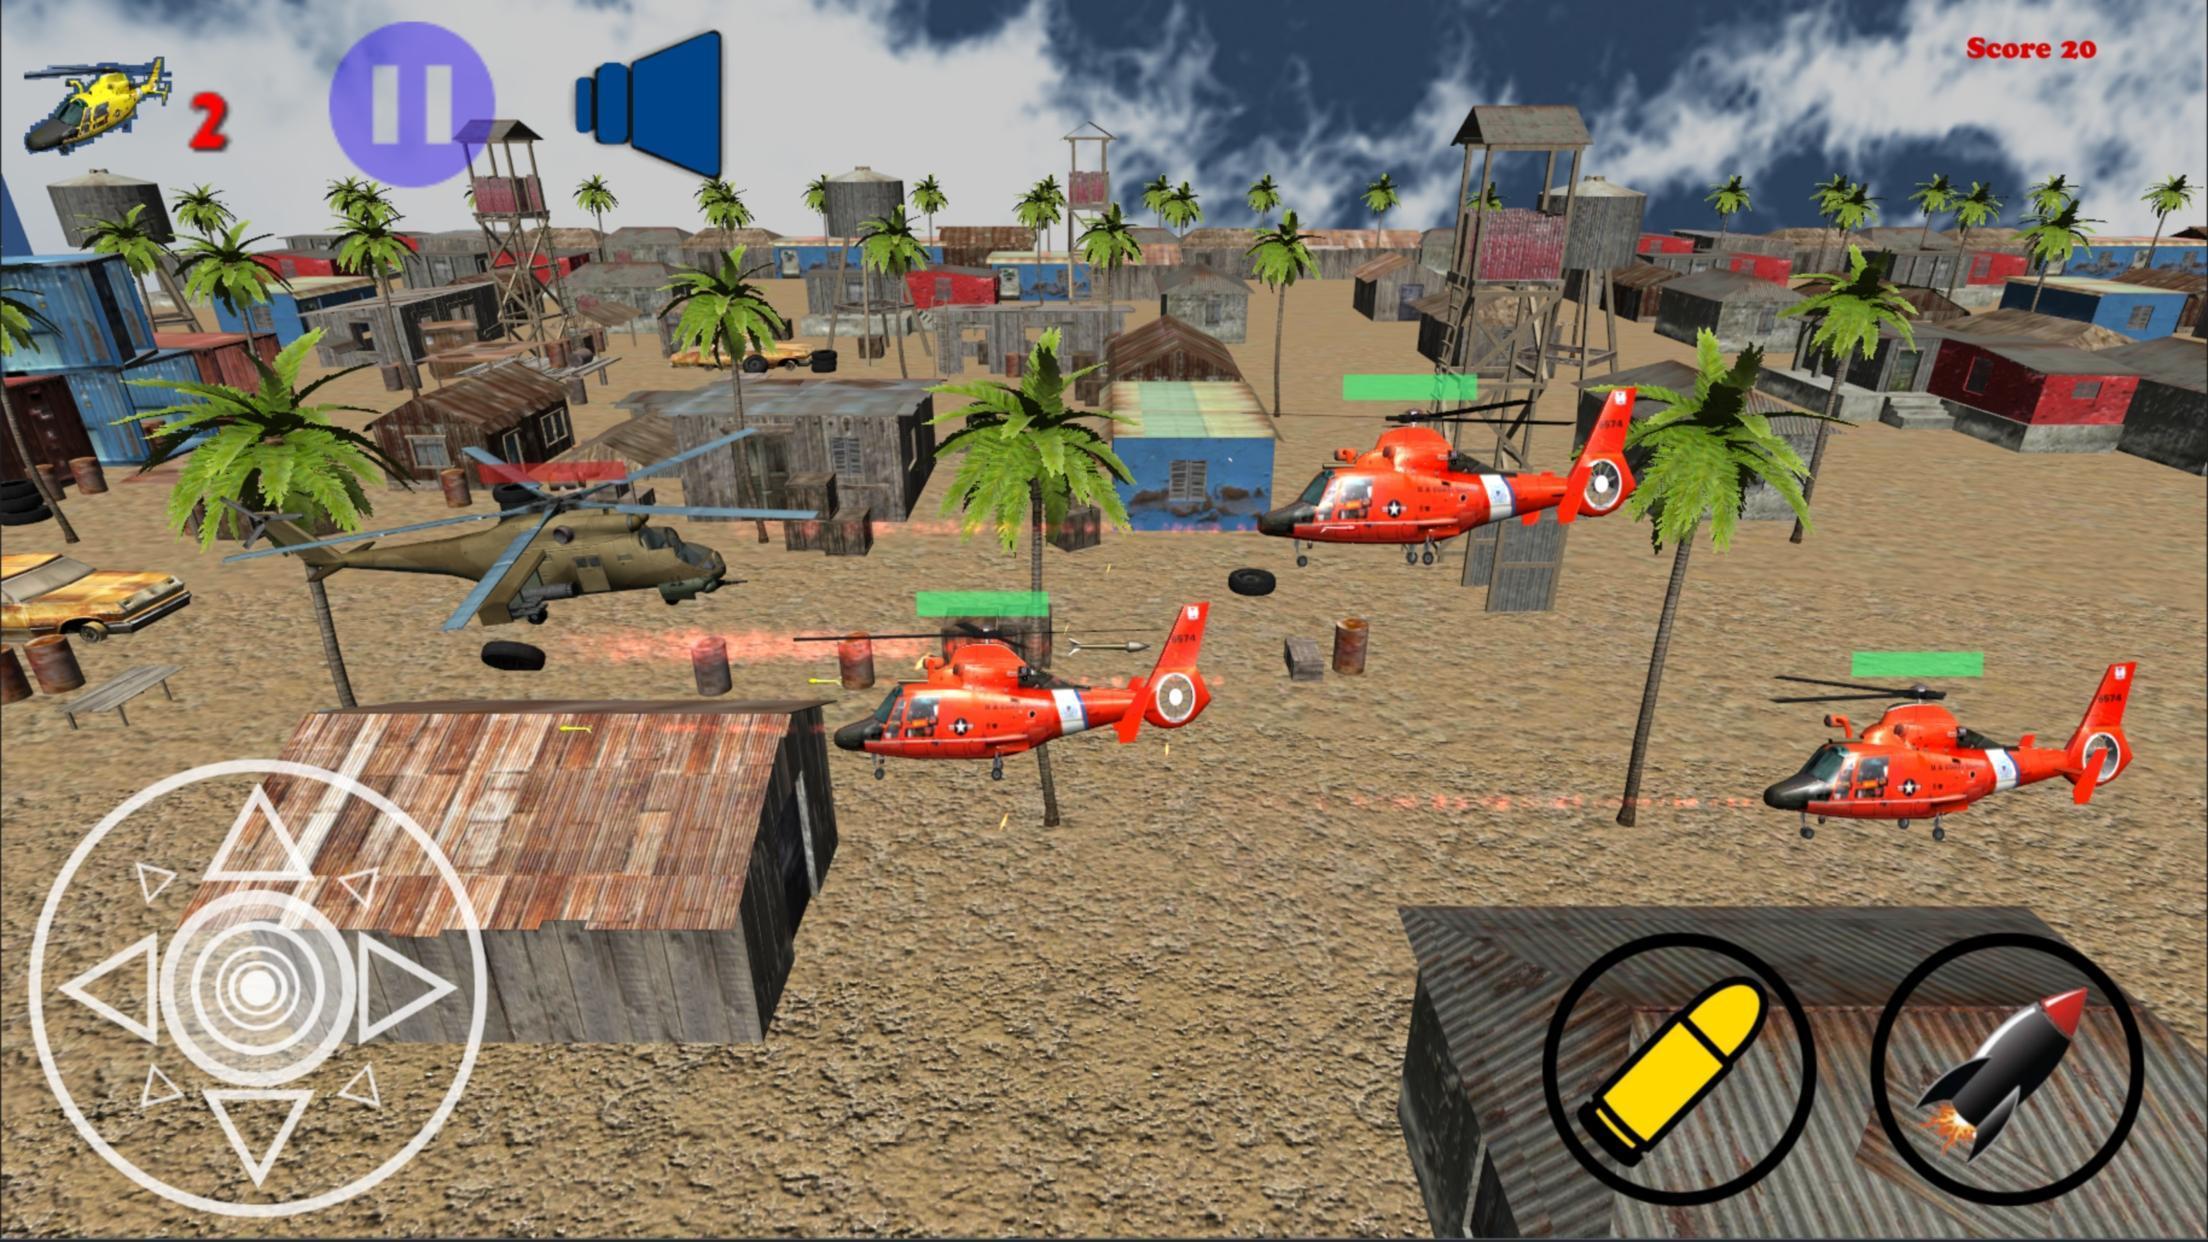 Jeu Tir Hélicoptère Gratuit Pour Android - Téléchargez L'apk intérieur Jeux Gratuit De Village